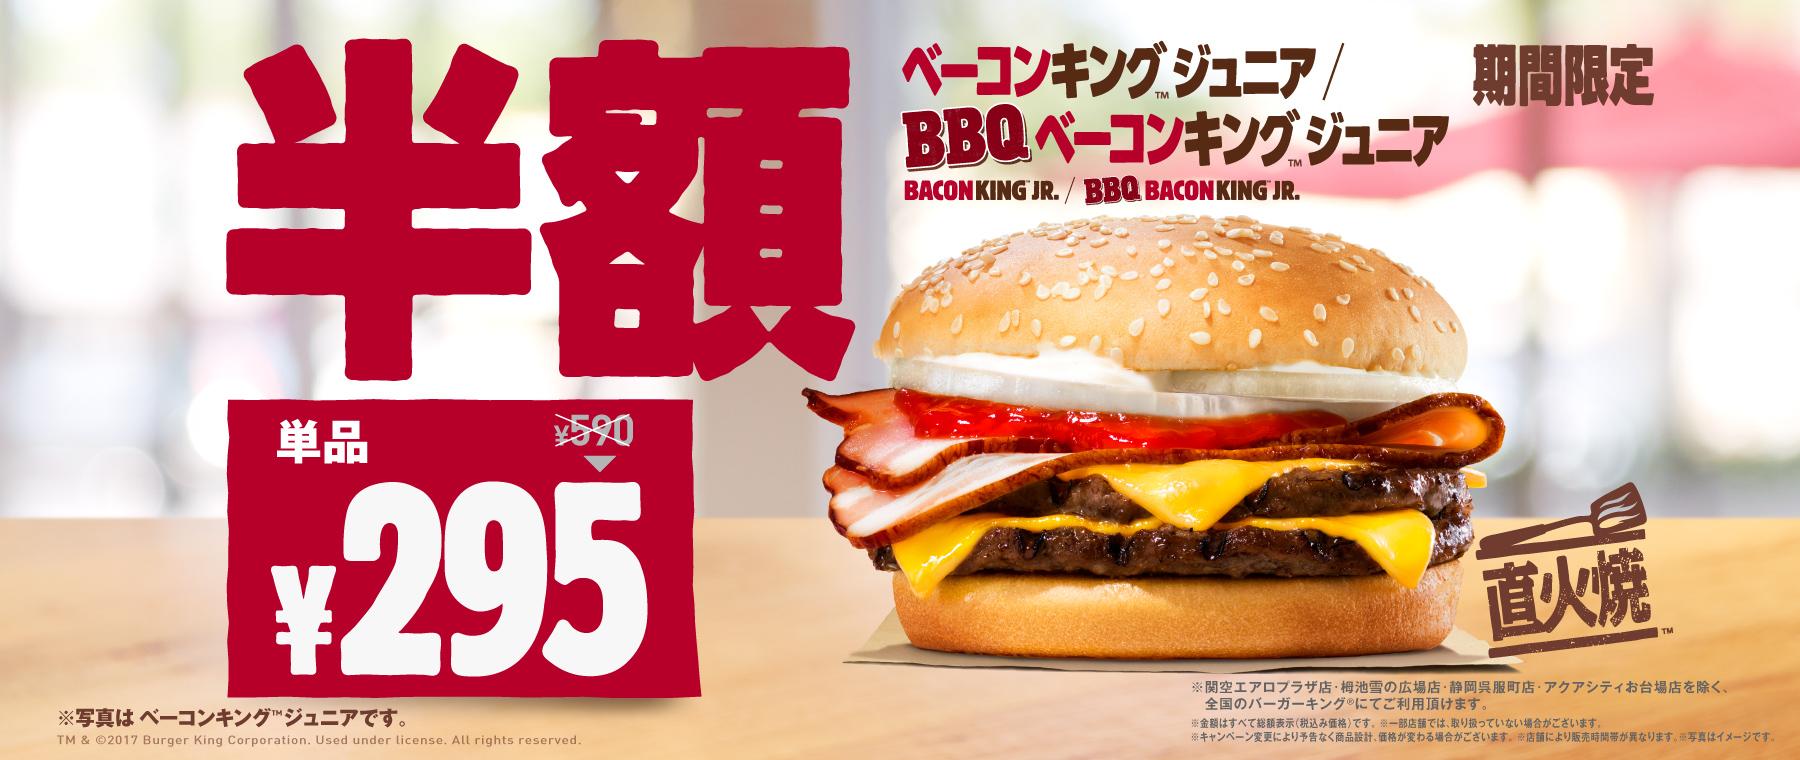 バーガーキングでベーコンキングまたはBBQベーコンキングバーガージュニアが590円⇒295円の半額セールを実施中。